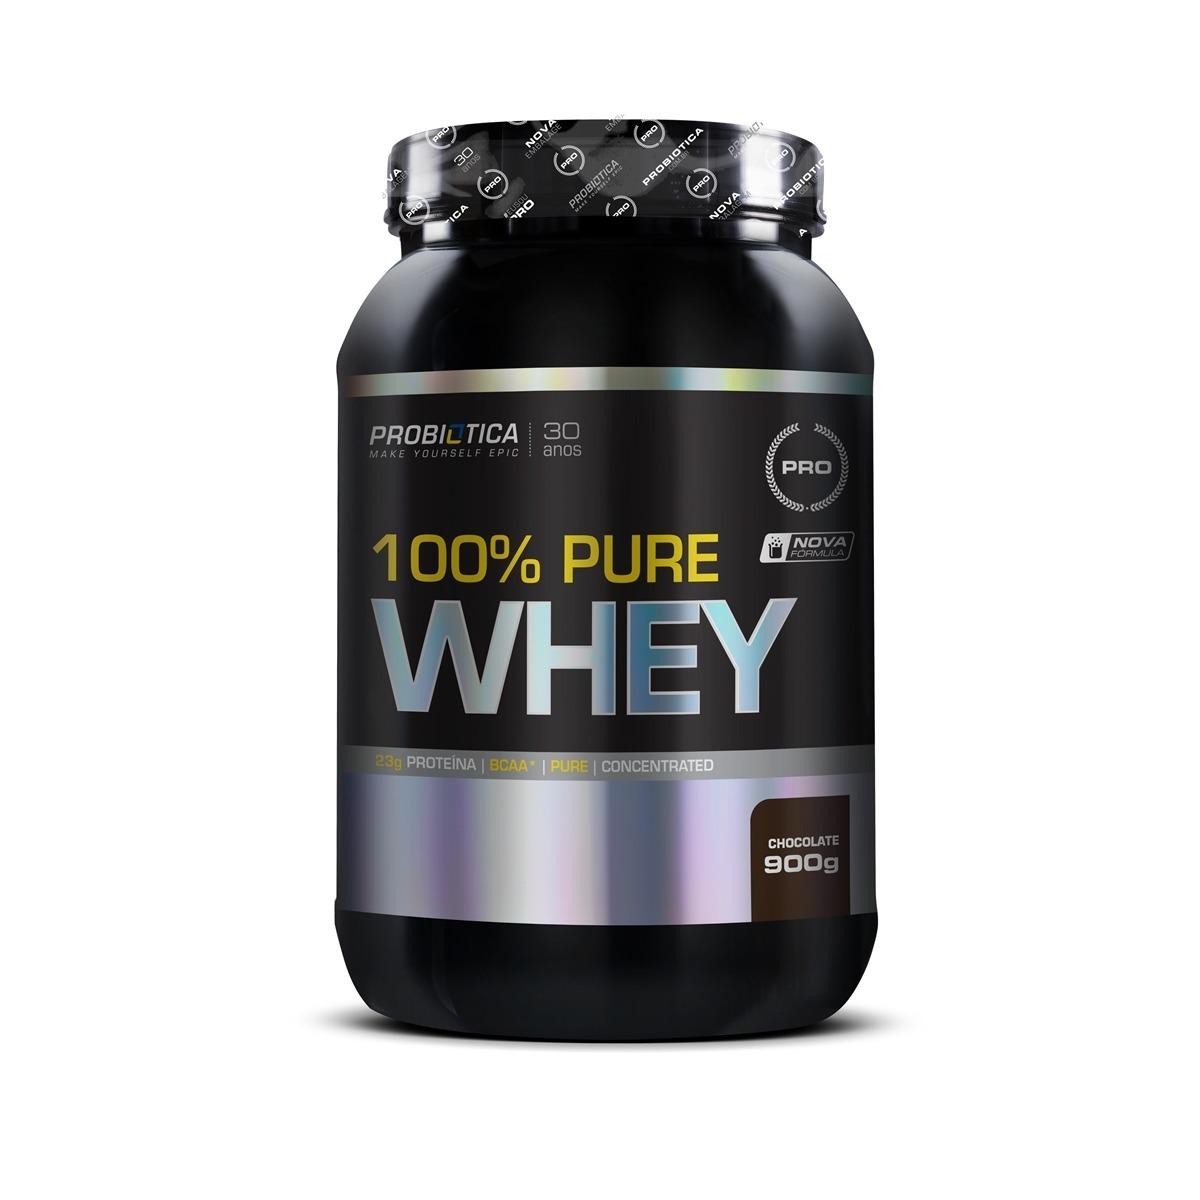 Sallutar Suplementos Whey Advanced  Protein 900g